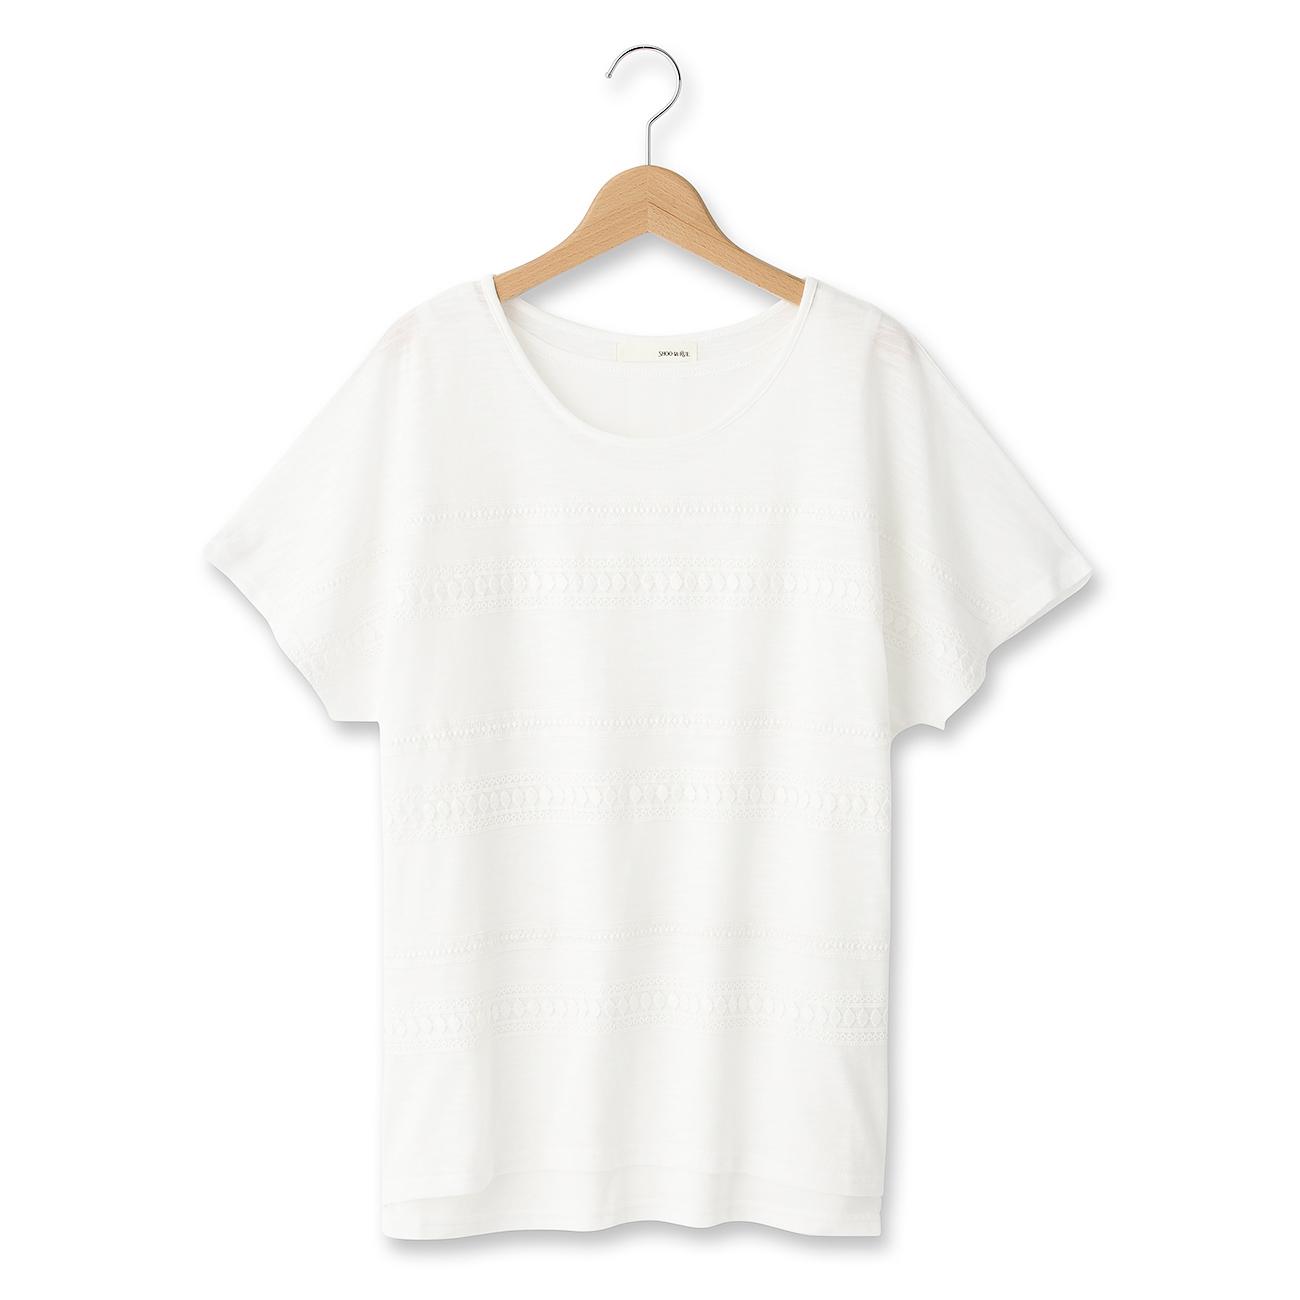 【SHOO・LA・RUE (シューラルー)】レースボーダーレイヤード風カットソーレディース トップス|カットソー・Tシャツ ホワイト系